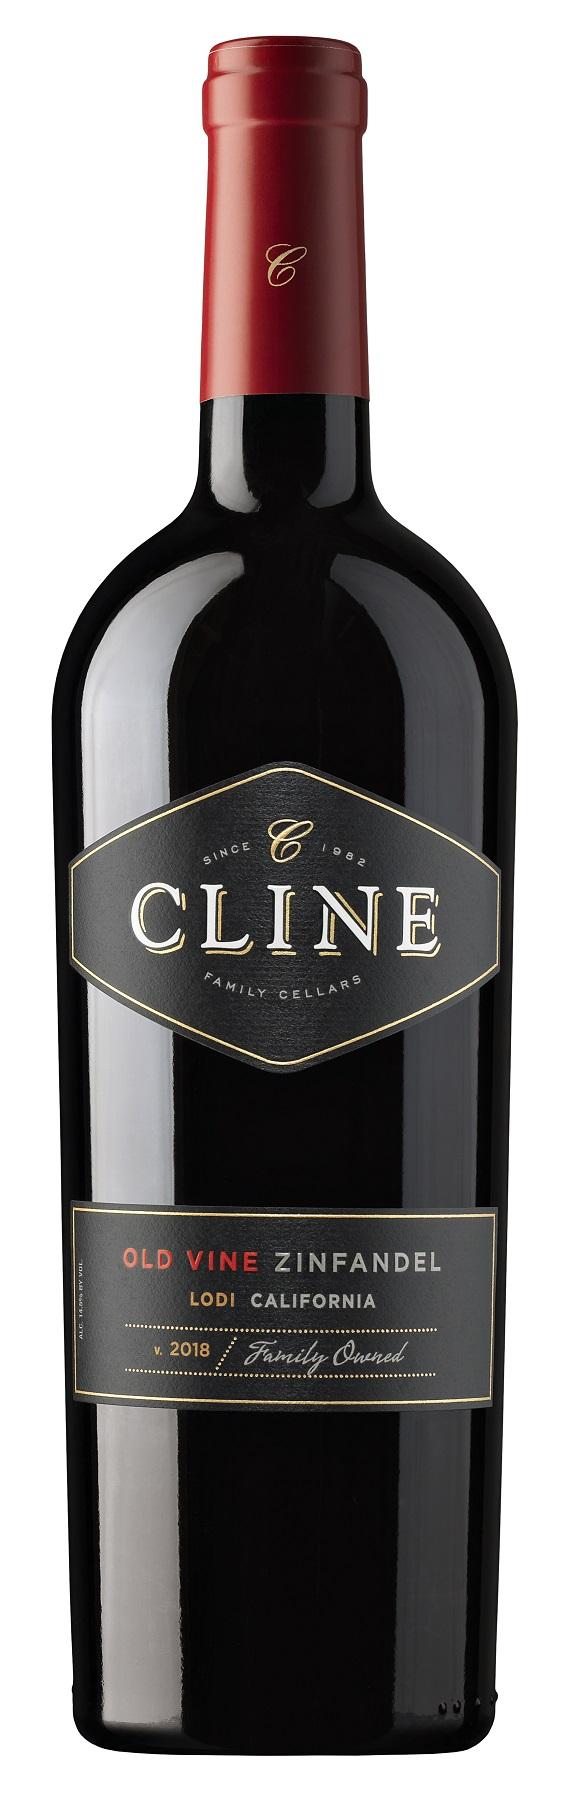 Cline Old Vine Zinfandel_webb